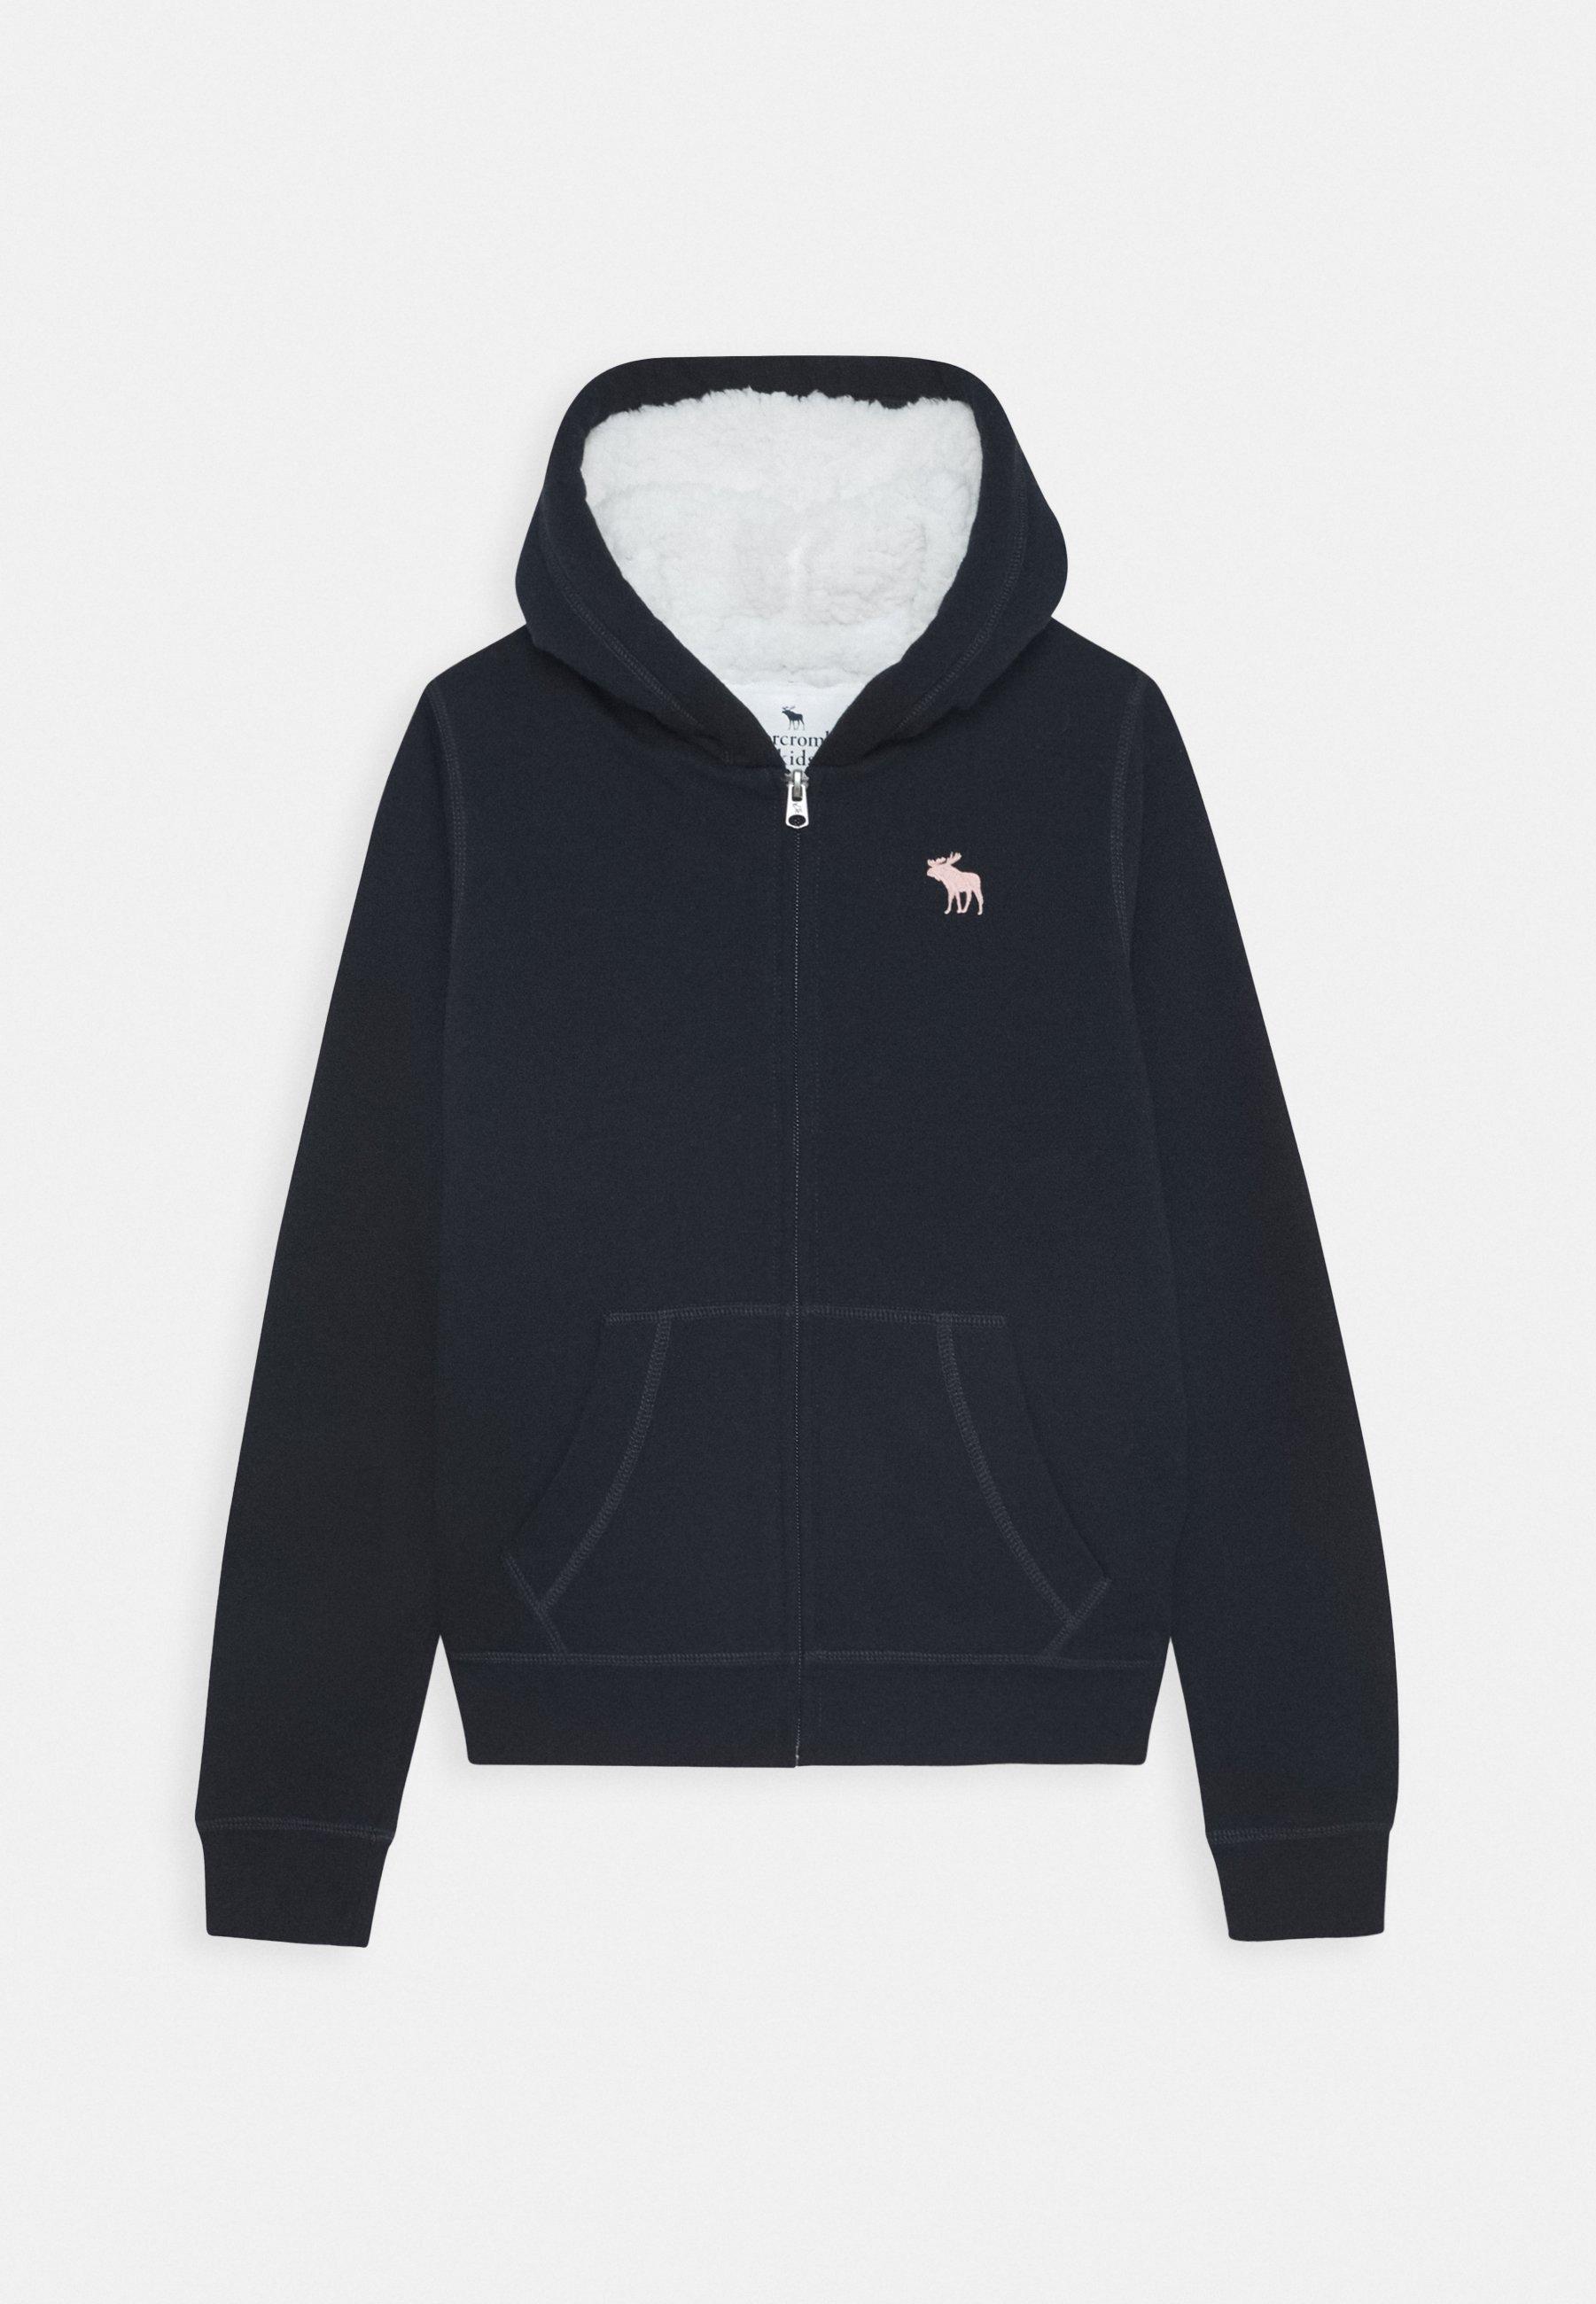 Abercrombie & Fitch veste en sweat zippée navy ZALANDO.FR